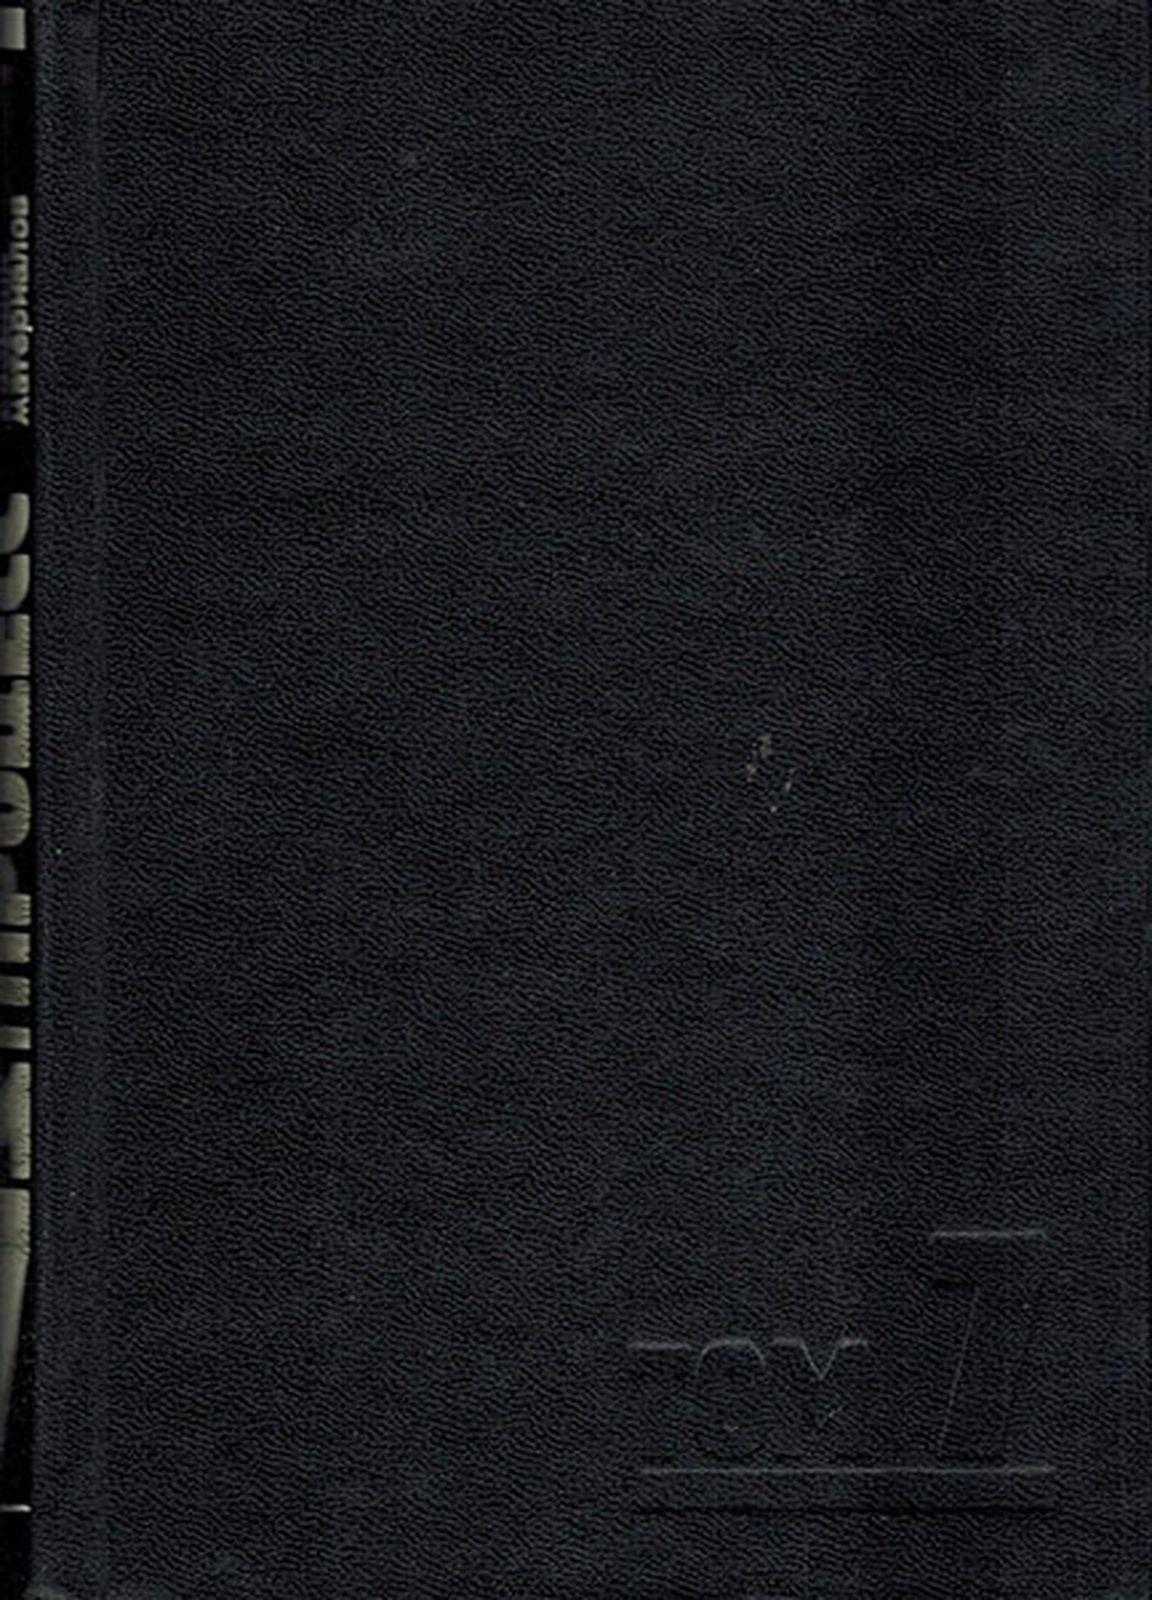 Нюрнбергский процесс. Сборник материалов в 8 томах. Том 7 юридическая литература лучшее